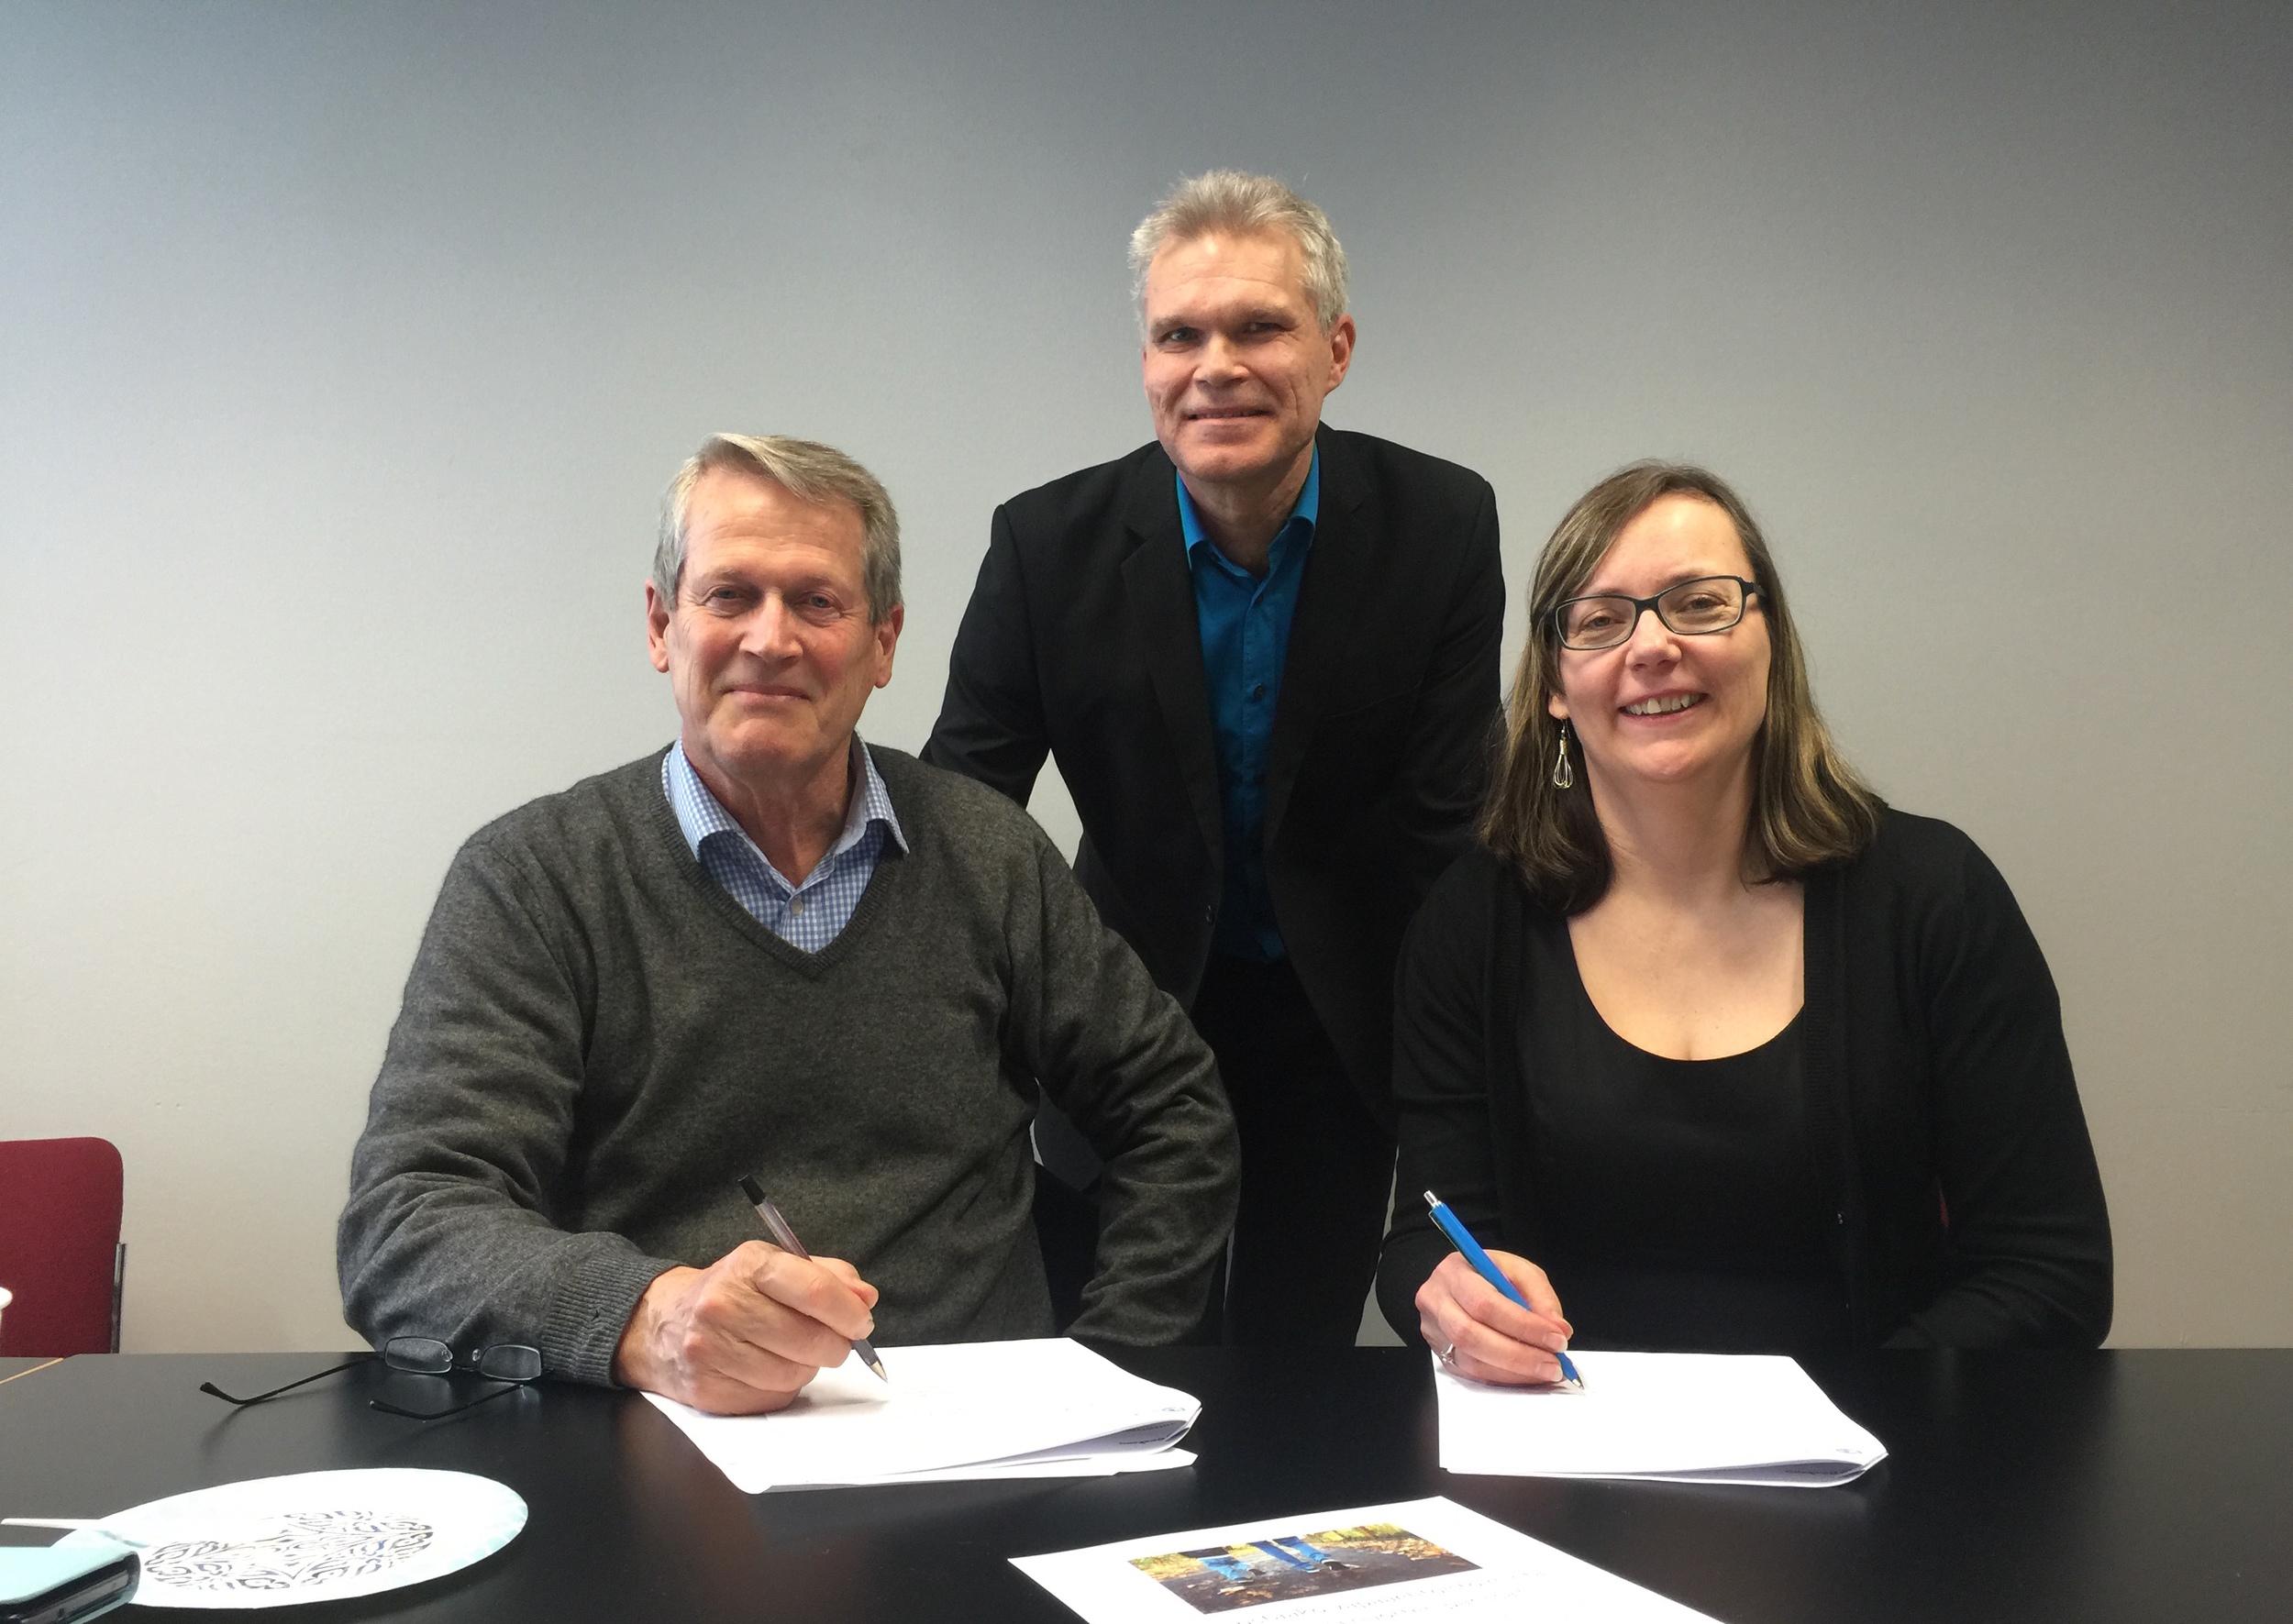 Sanna Airaksinen (oik.) ja Antti Perttu allekirjoittavat yhteistyösopimusta. Taustalla Pekka Puukko.